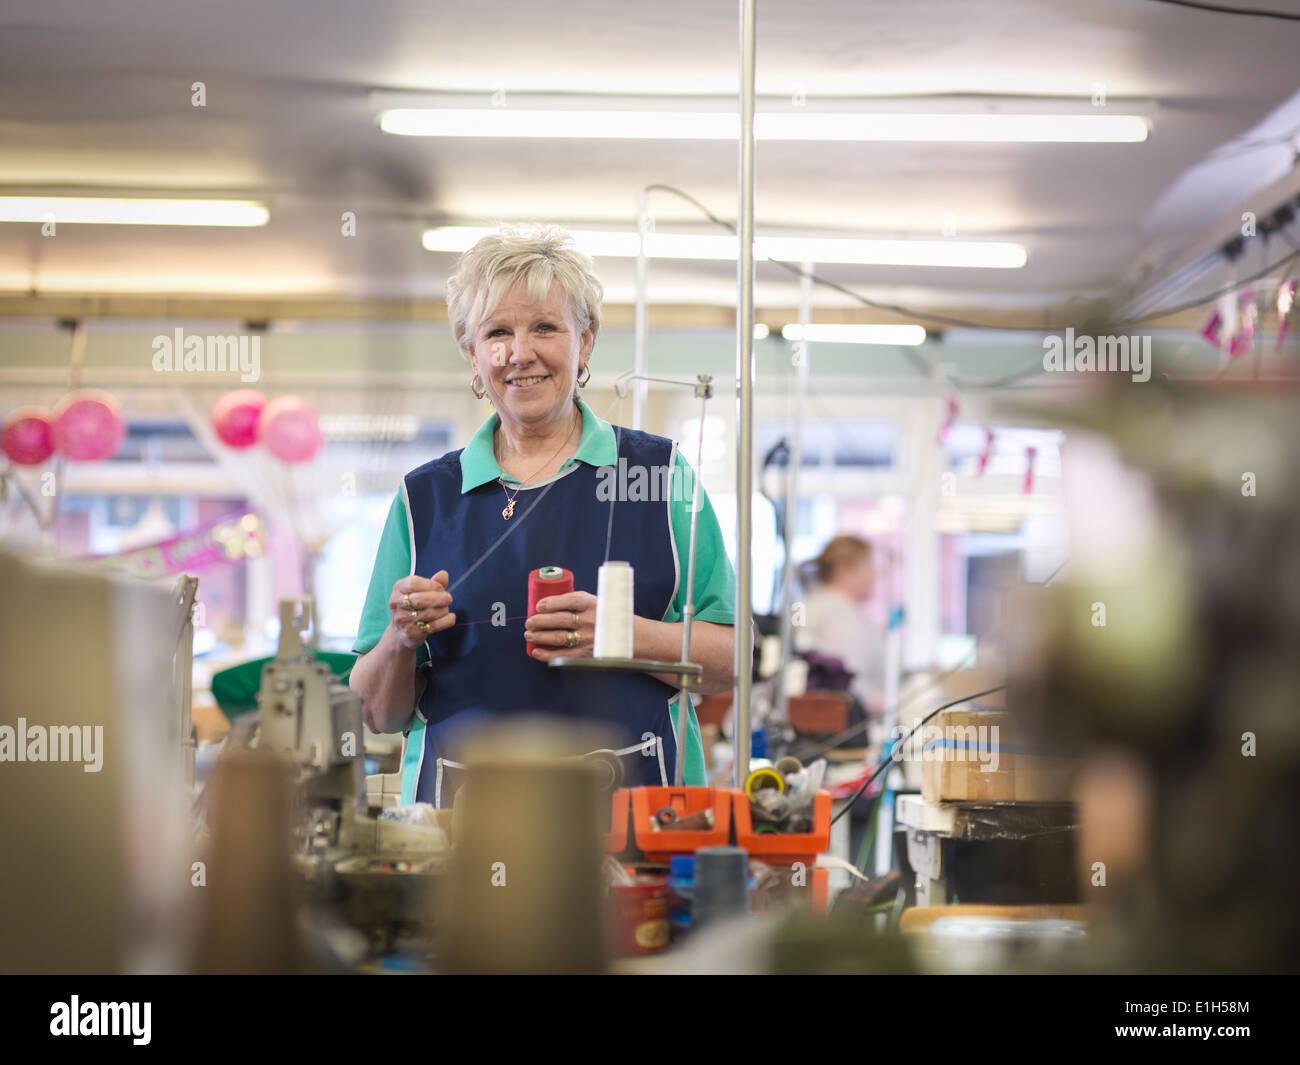 Direttrice della fabbrica di abbigliamento, ritratto Immagini Stock